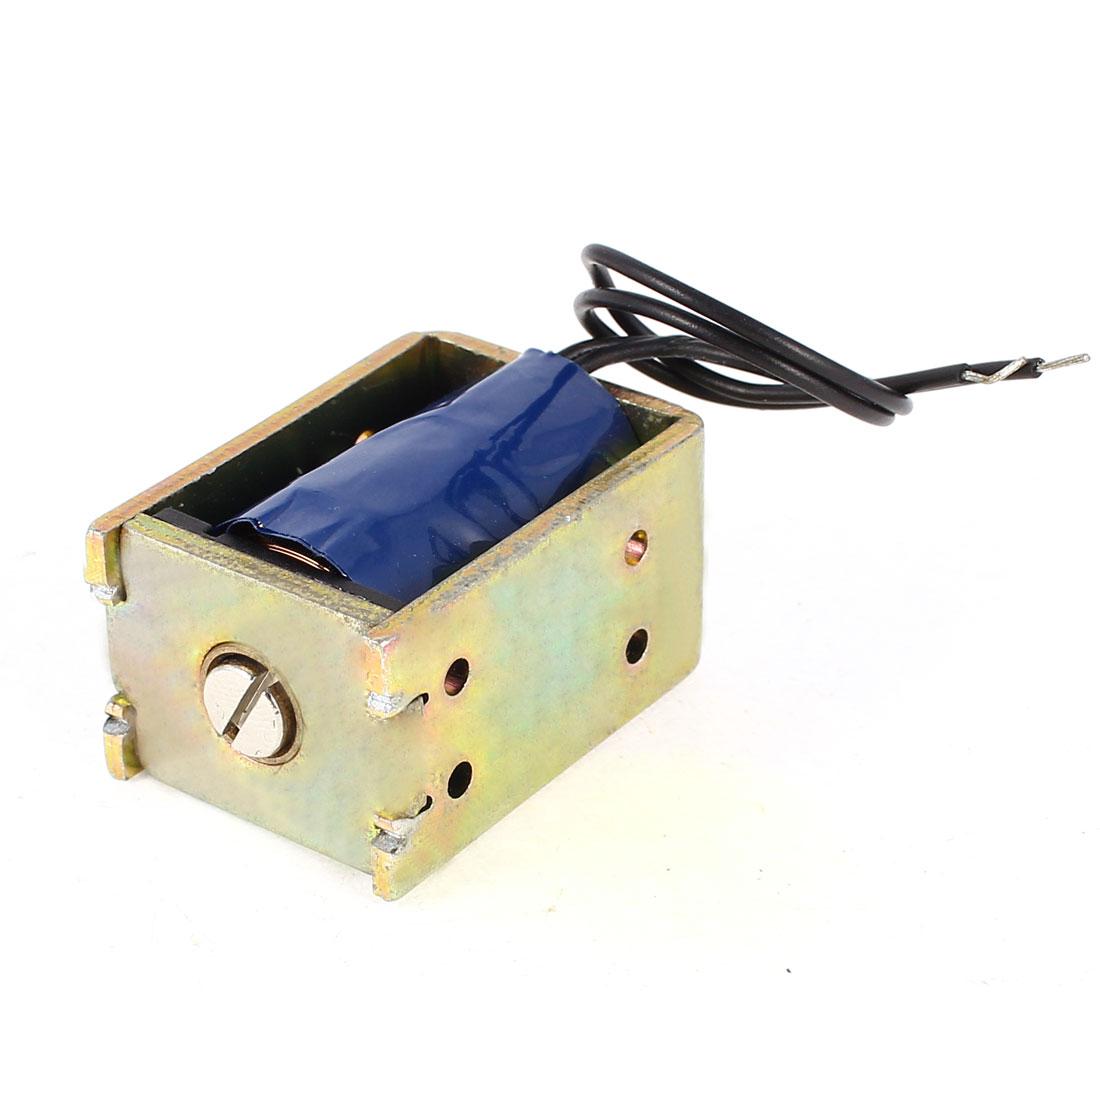 SDO-0837S-24V32 10mm Stroke Linear Motion Open Frame Solenoid Push Type Electromagnet DC 24V